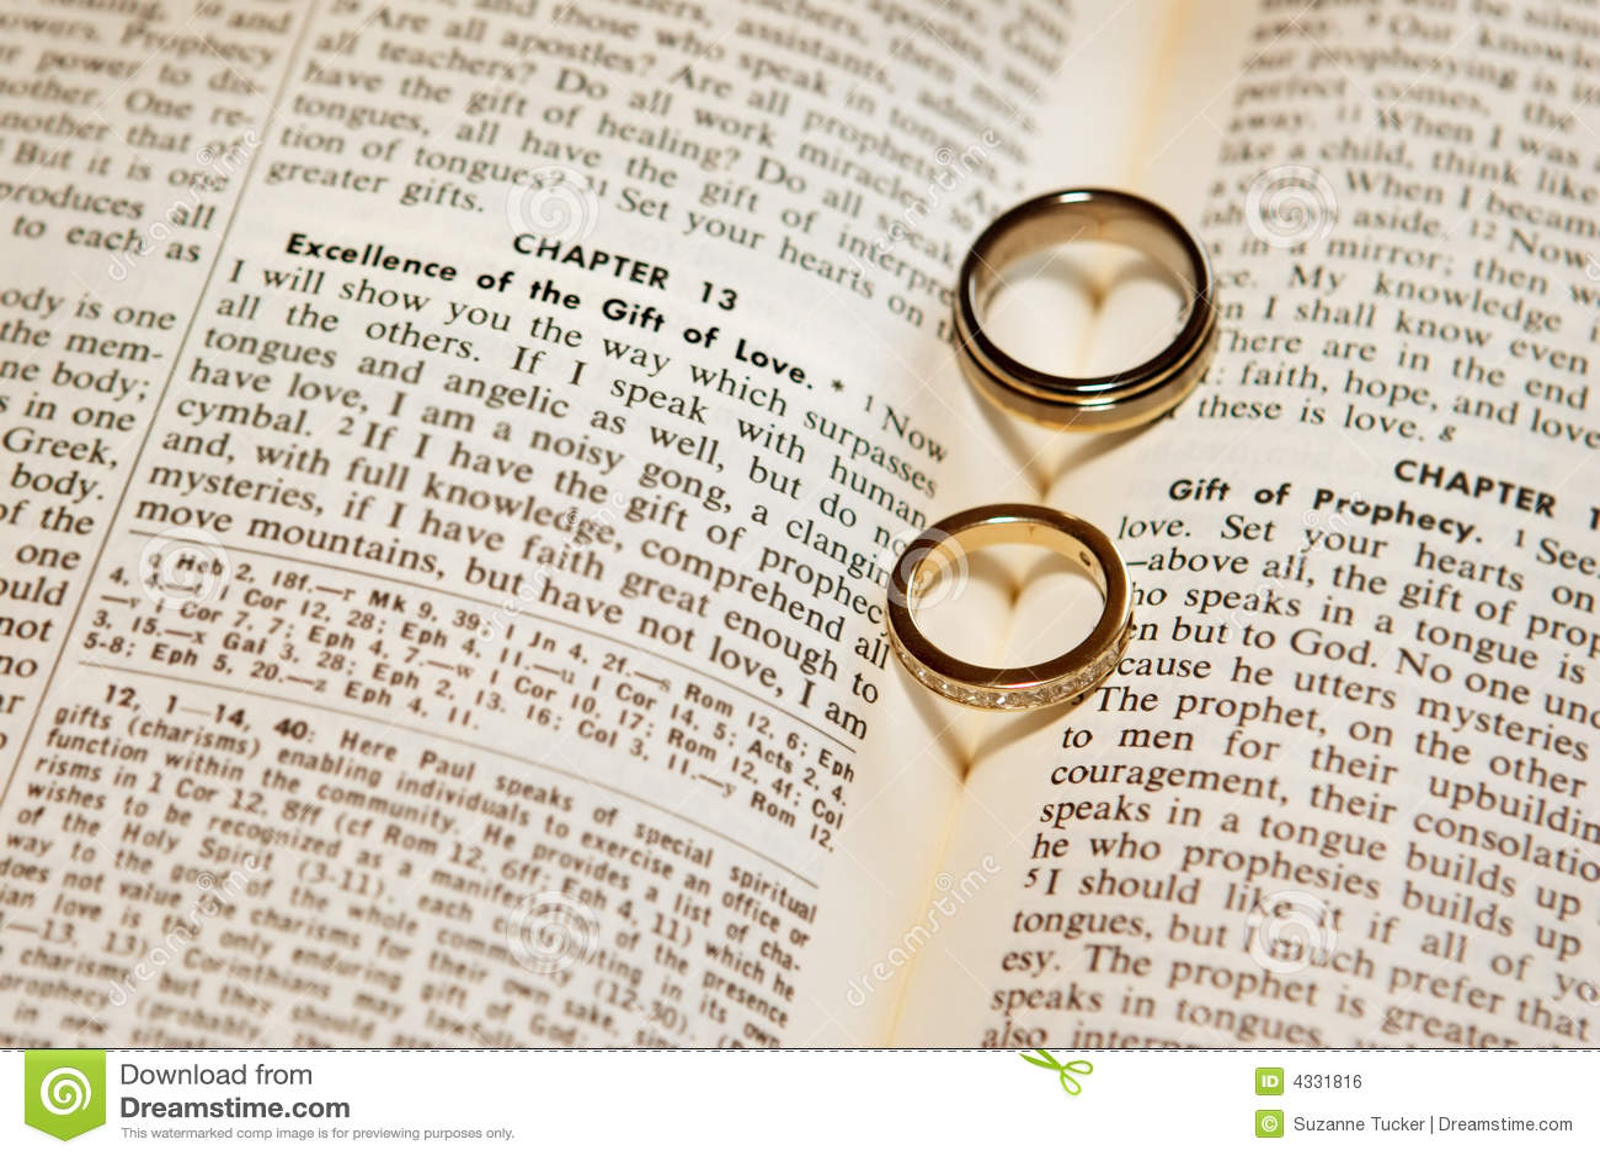 Matrimonio De Acuerdo Ala Biblia : Anillos de bodas en una biblia foto archivo imagen